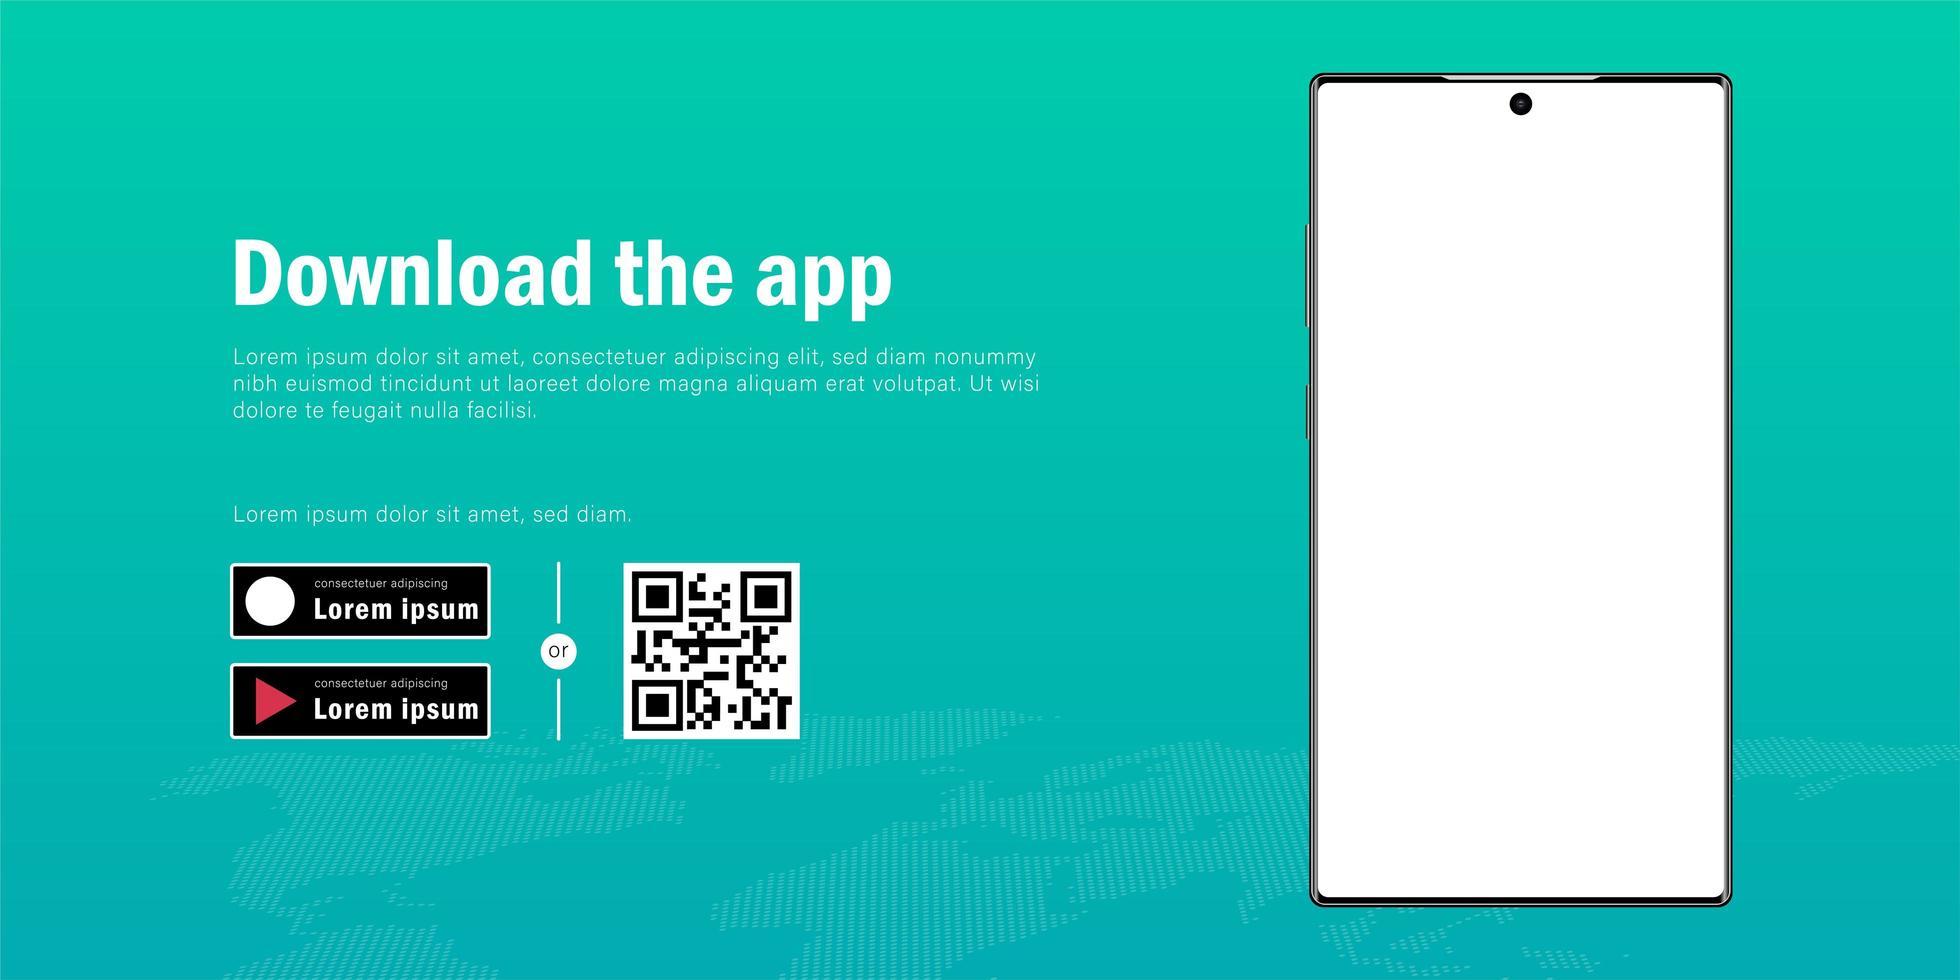 bannière web de maquette de smartphone mobile avec publicité pour télécharger le modèle d'application, de code qr et de boutons vecteur